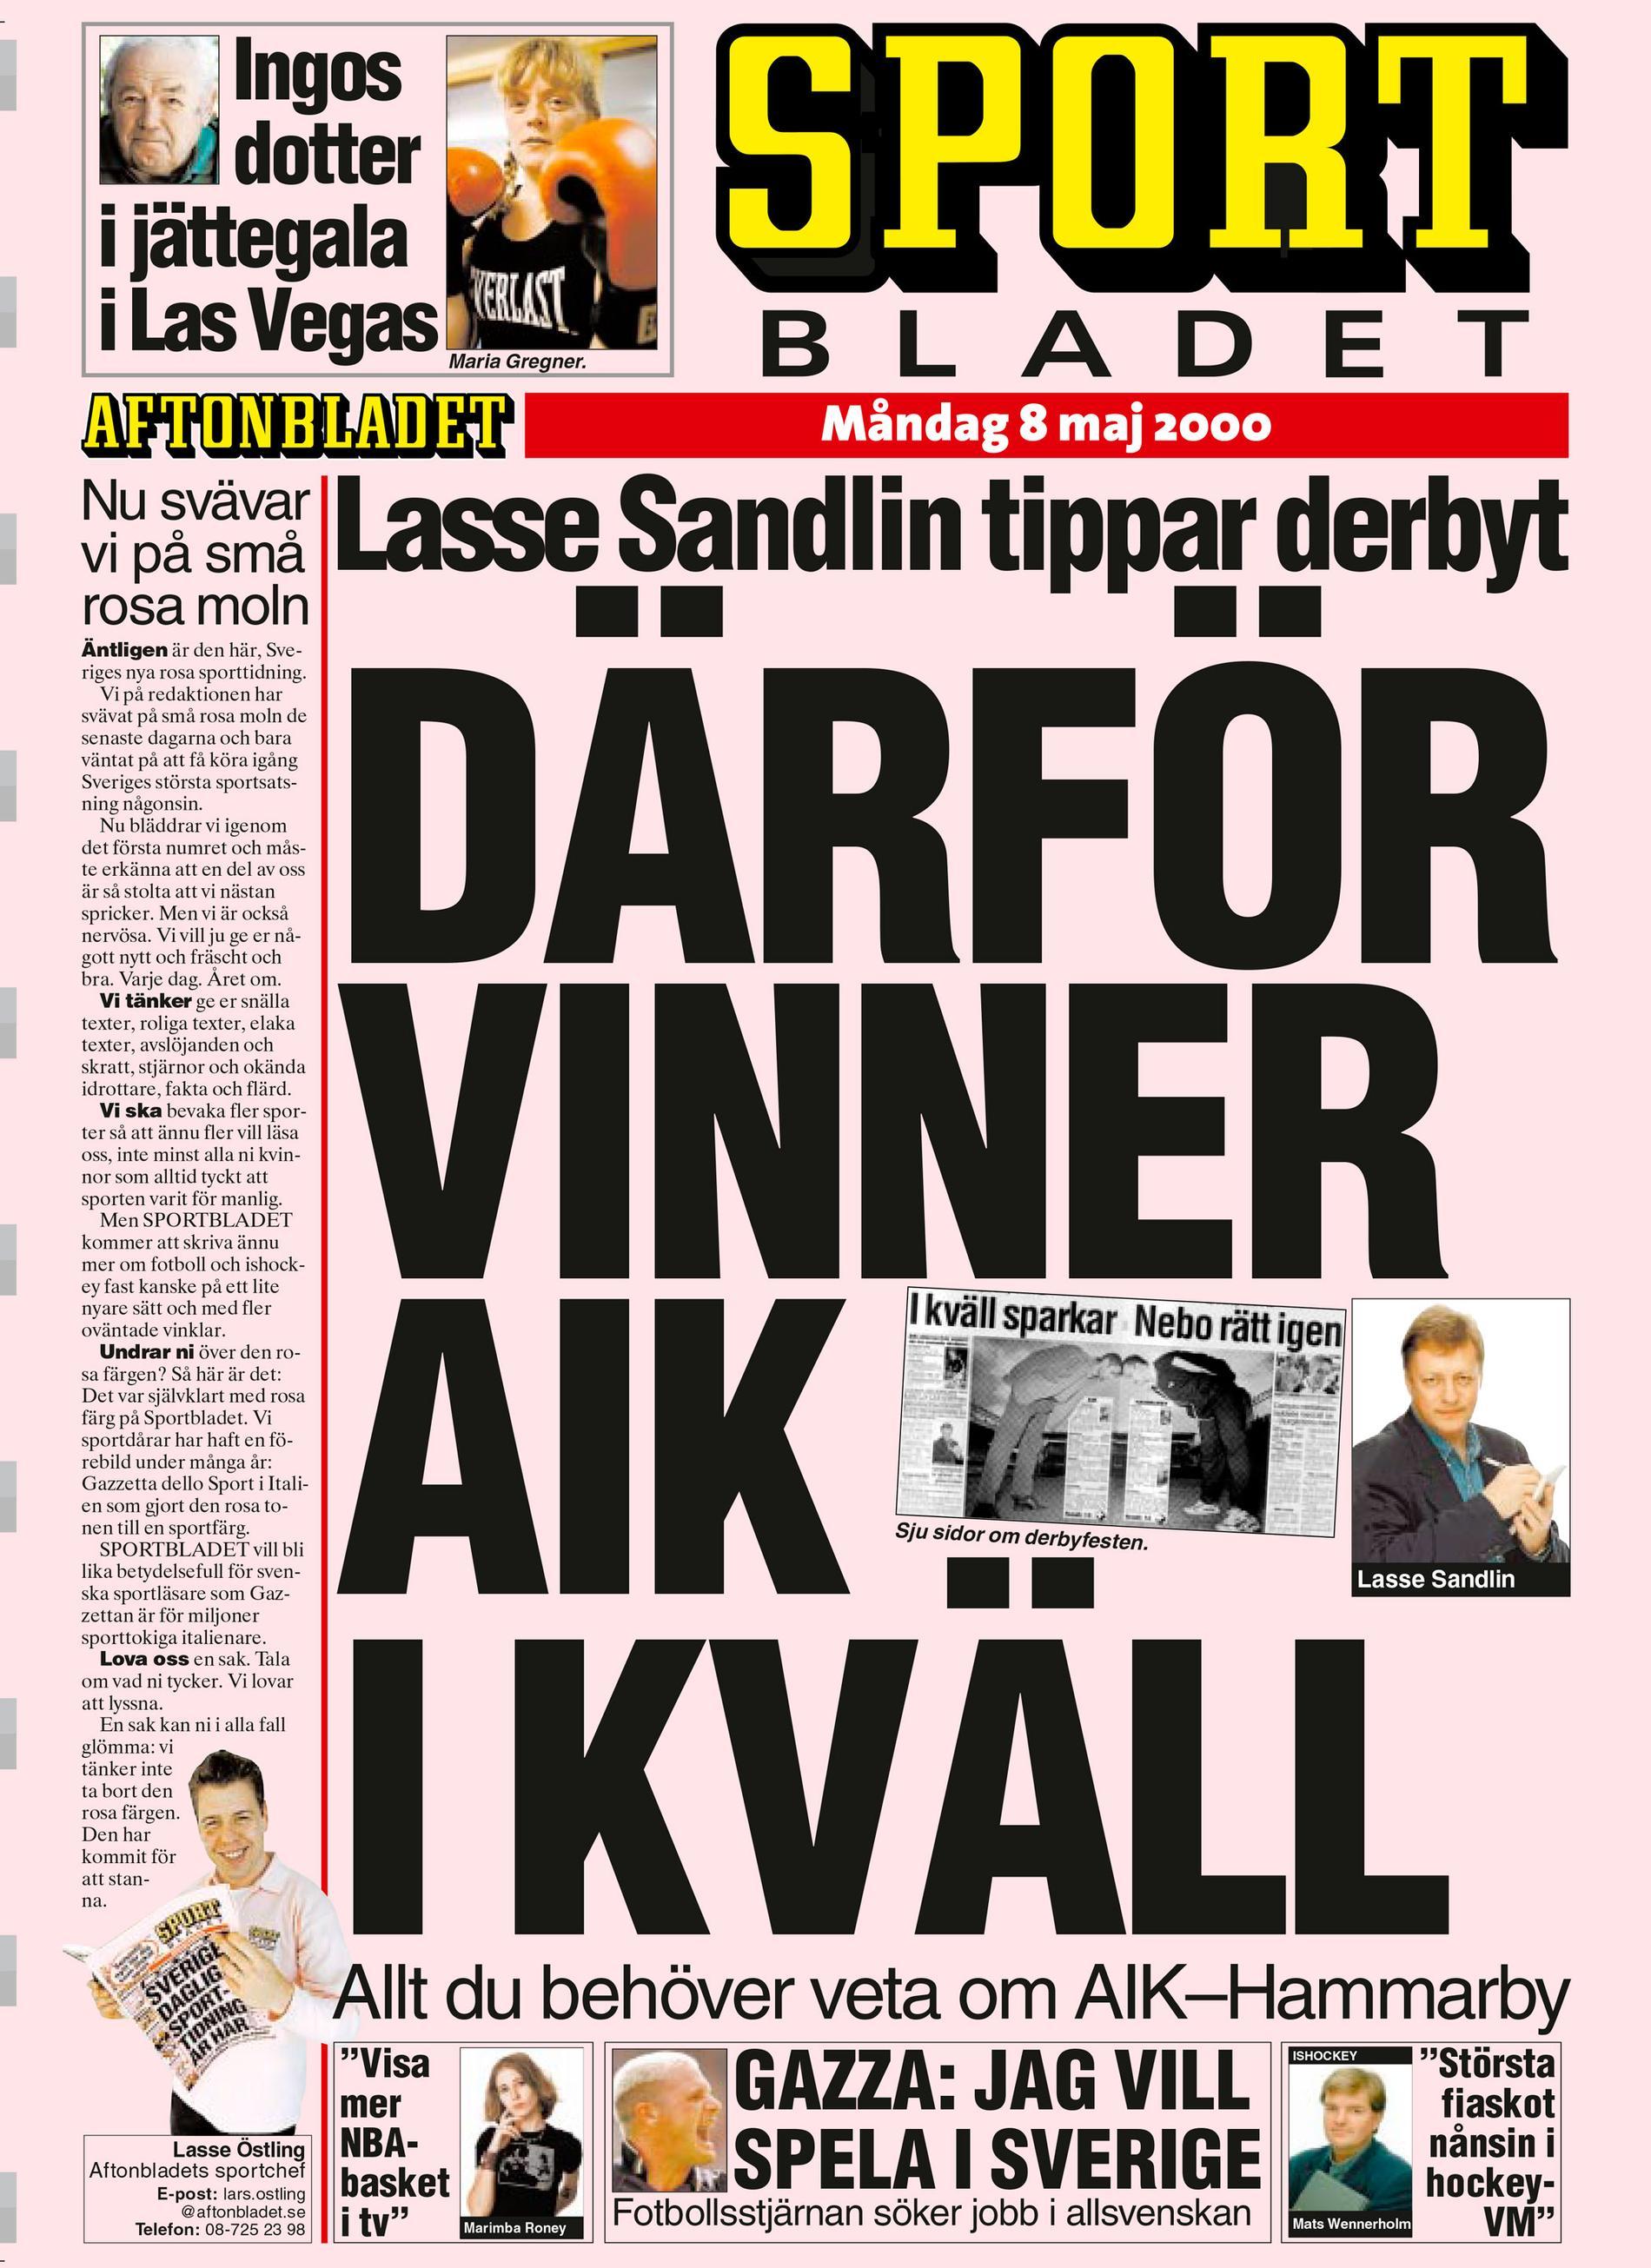 Det första numret av Sportbladet kom ut den 8 maj 2000.